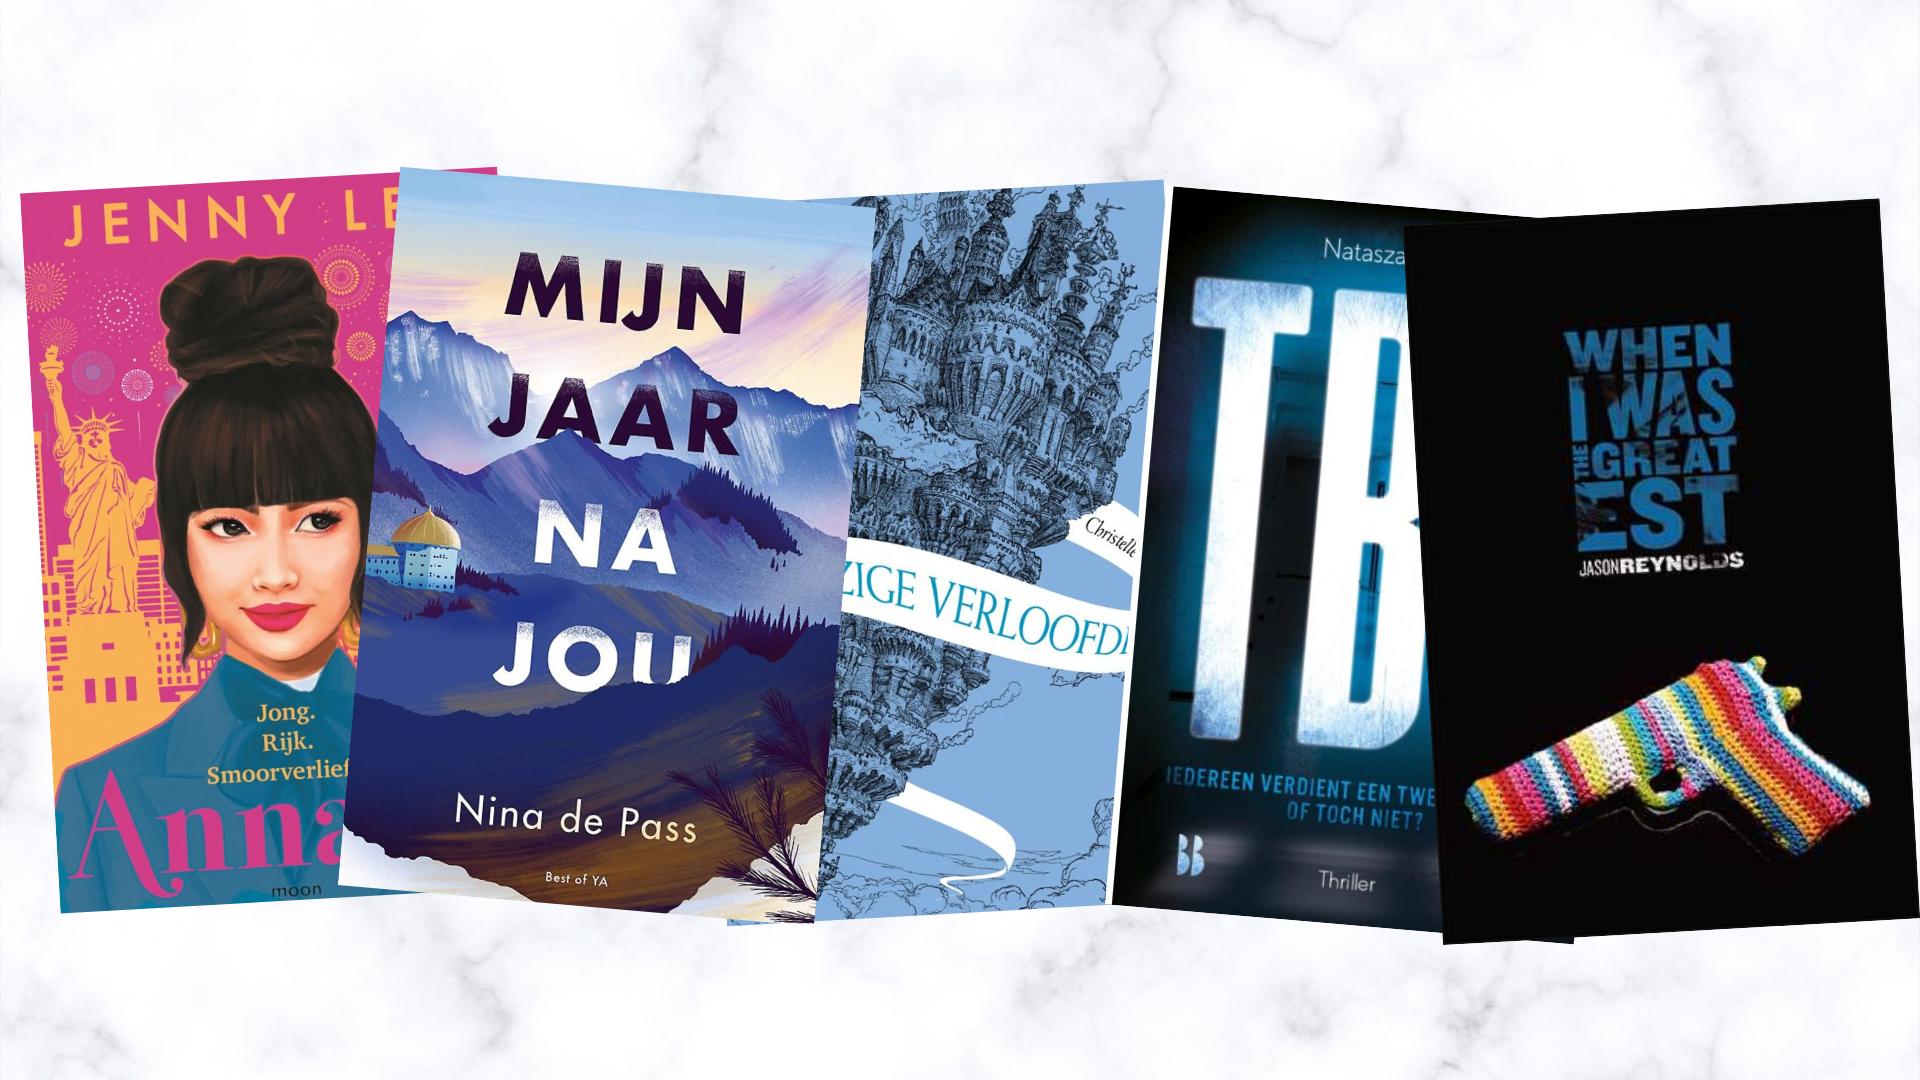 De nieuwe boeken waar ik naar uitkijk in april